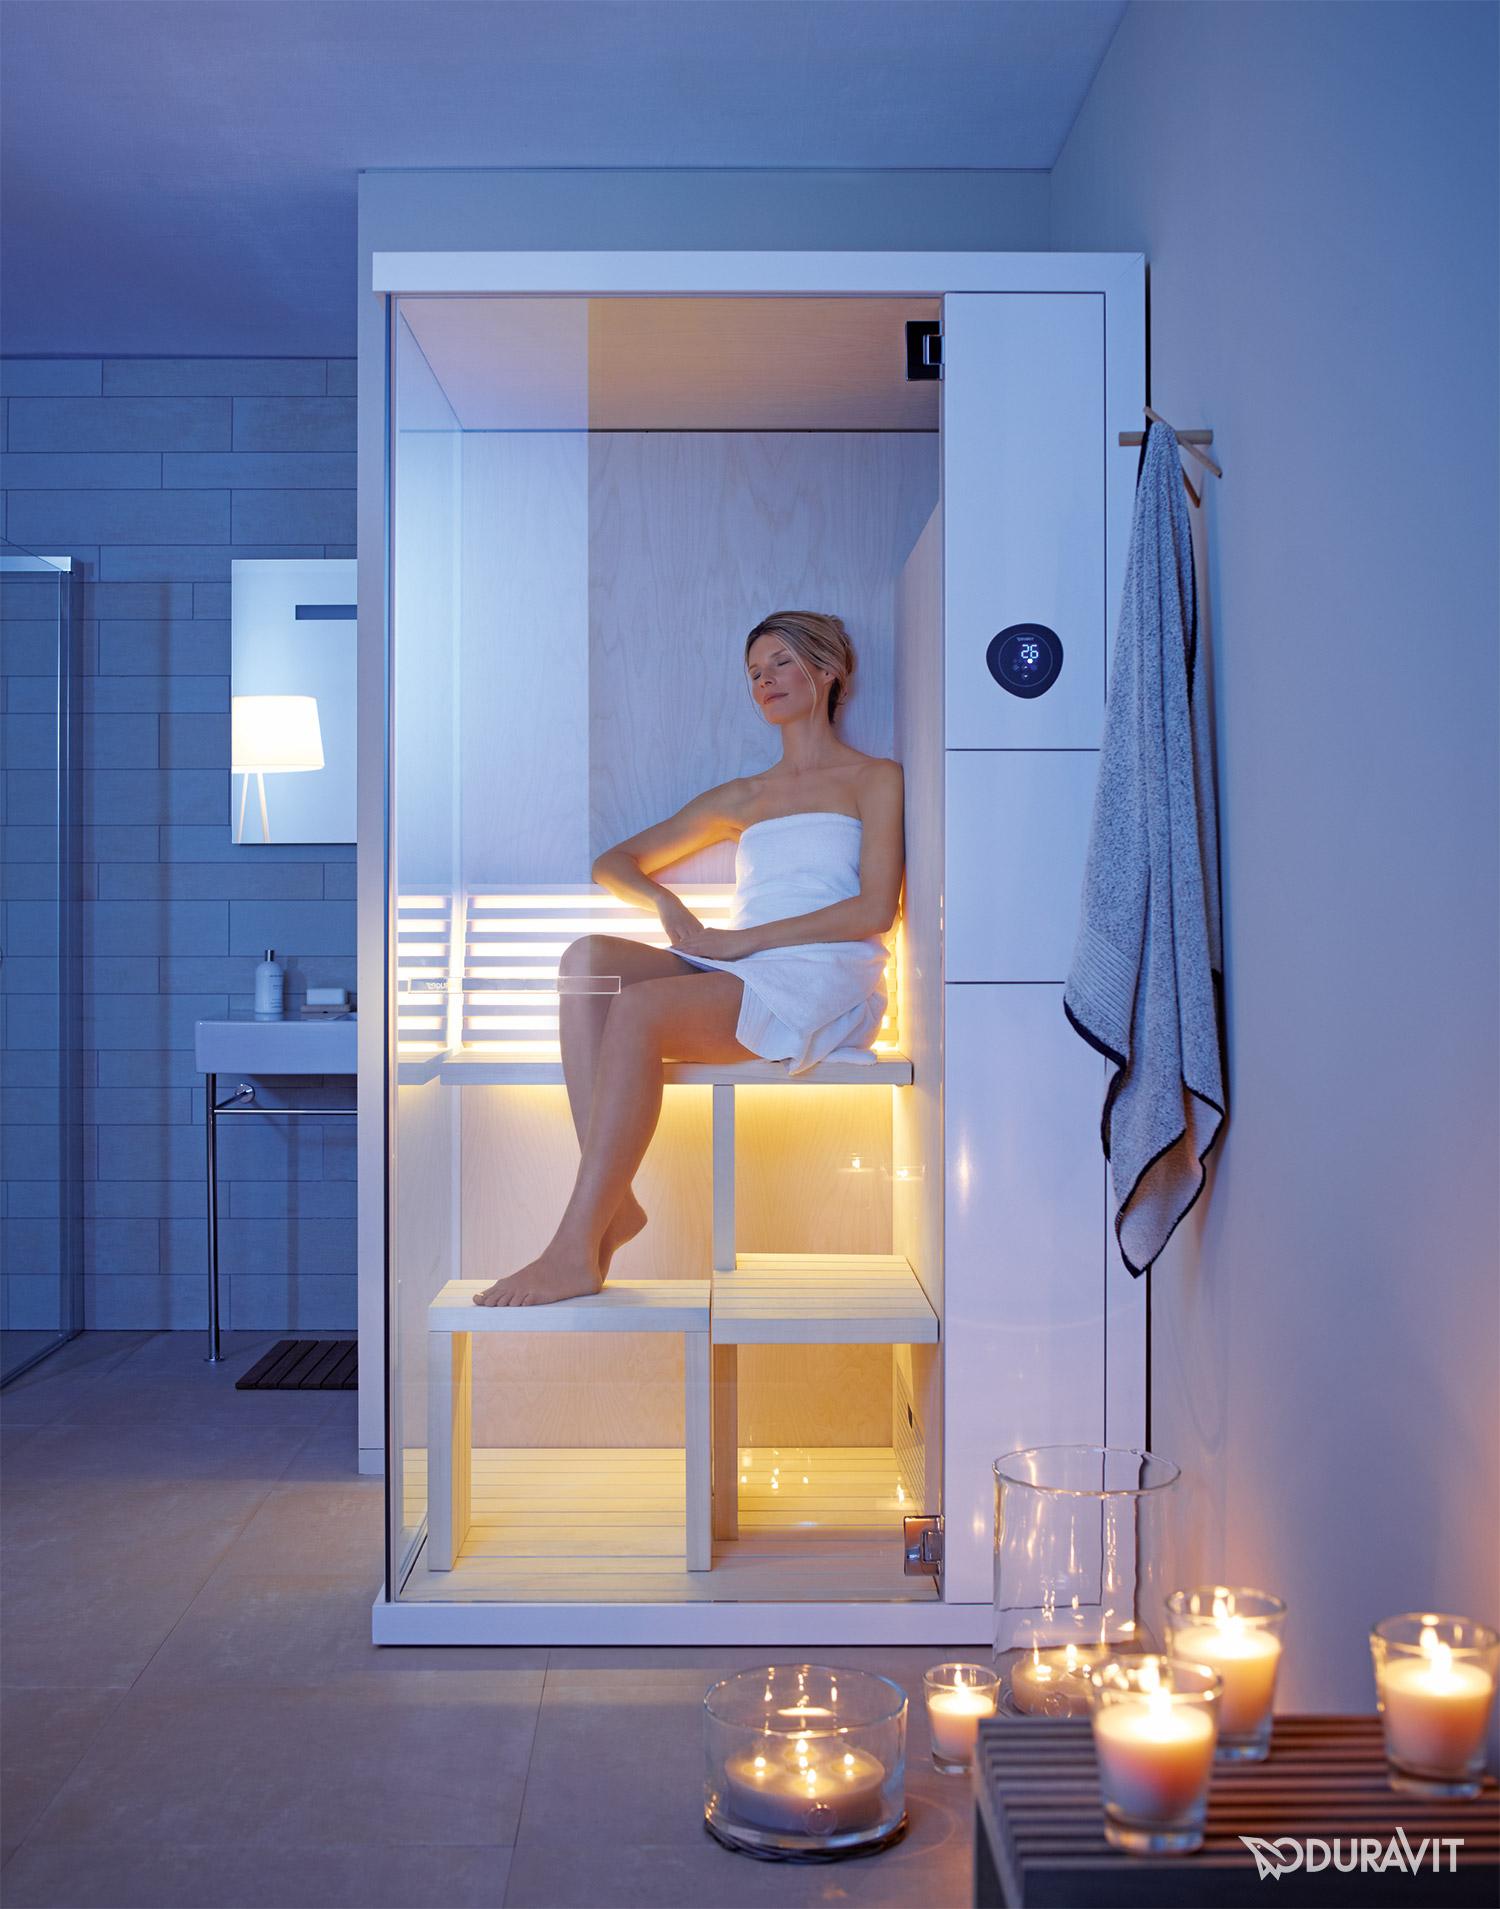 wellness im bad. entspannt die seele baumeln lassen. | sauna ... - Badezimmer Mit Sauna Und Whirlpool